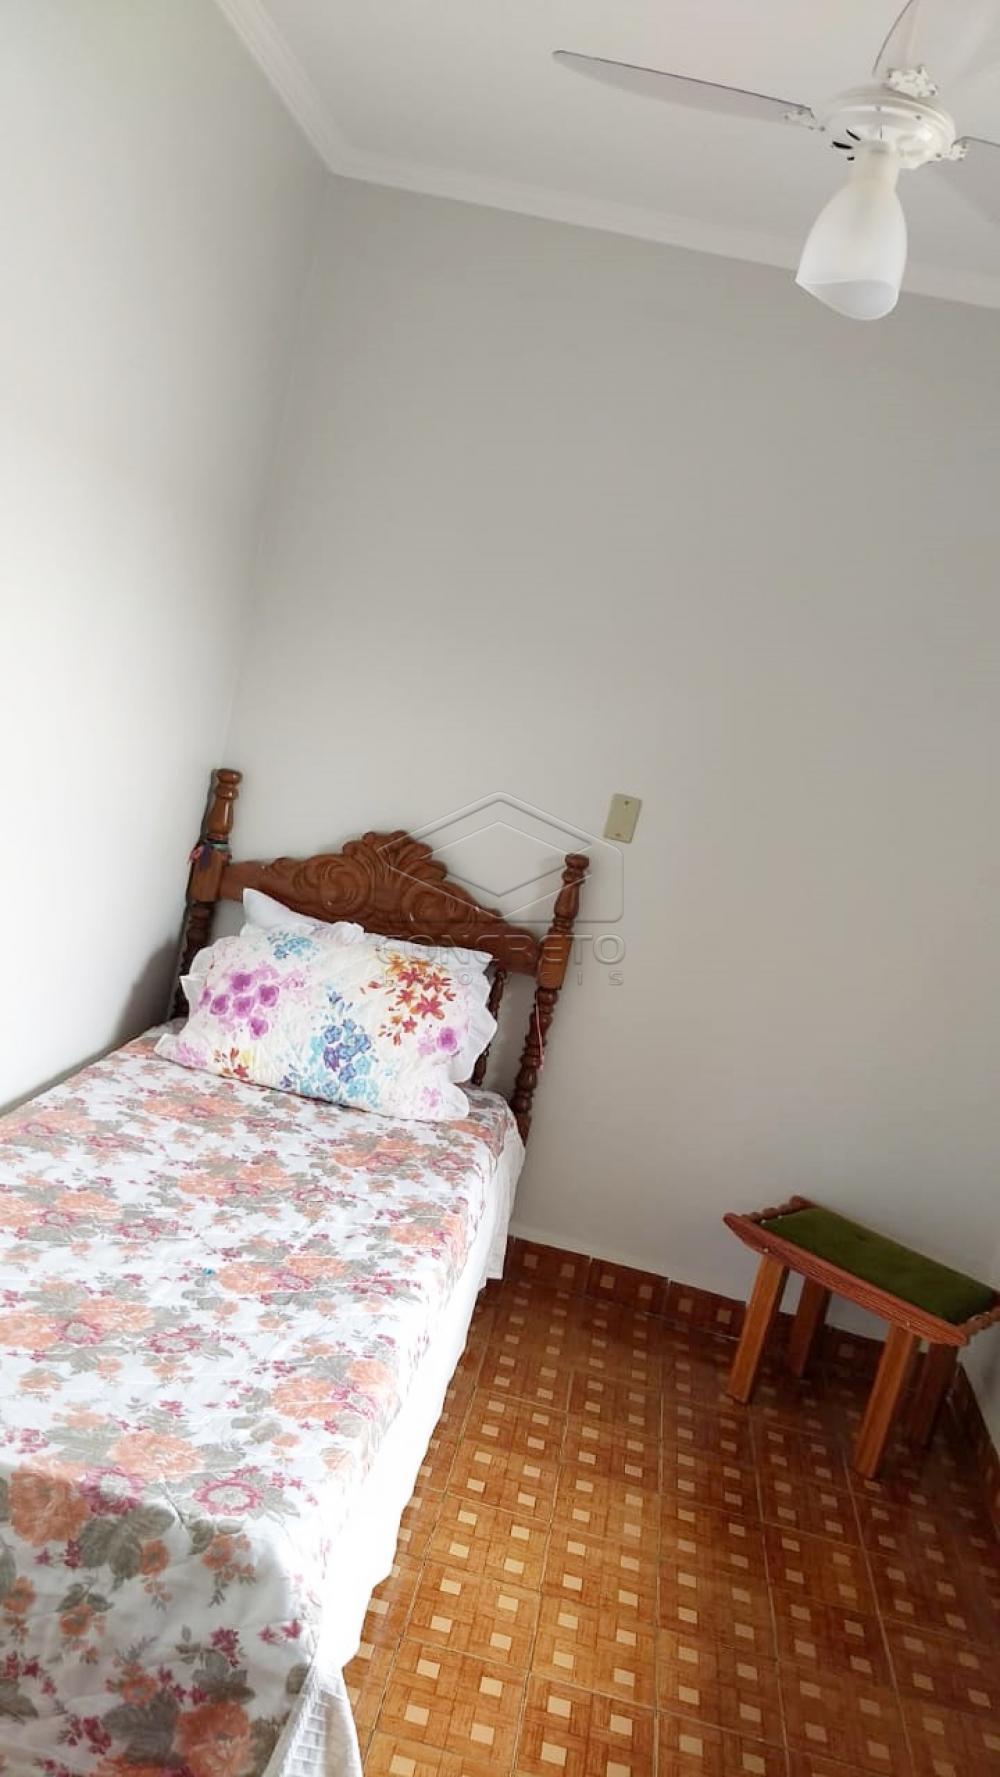 Comprar Casa / Residencia em Jaú apenas R$ 305.000,00 - Foto 12